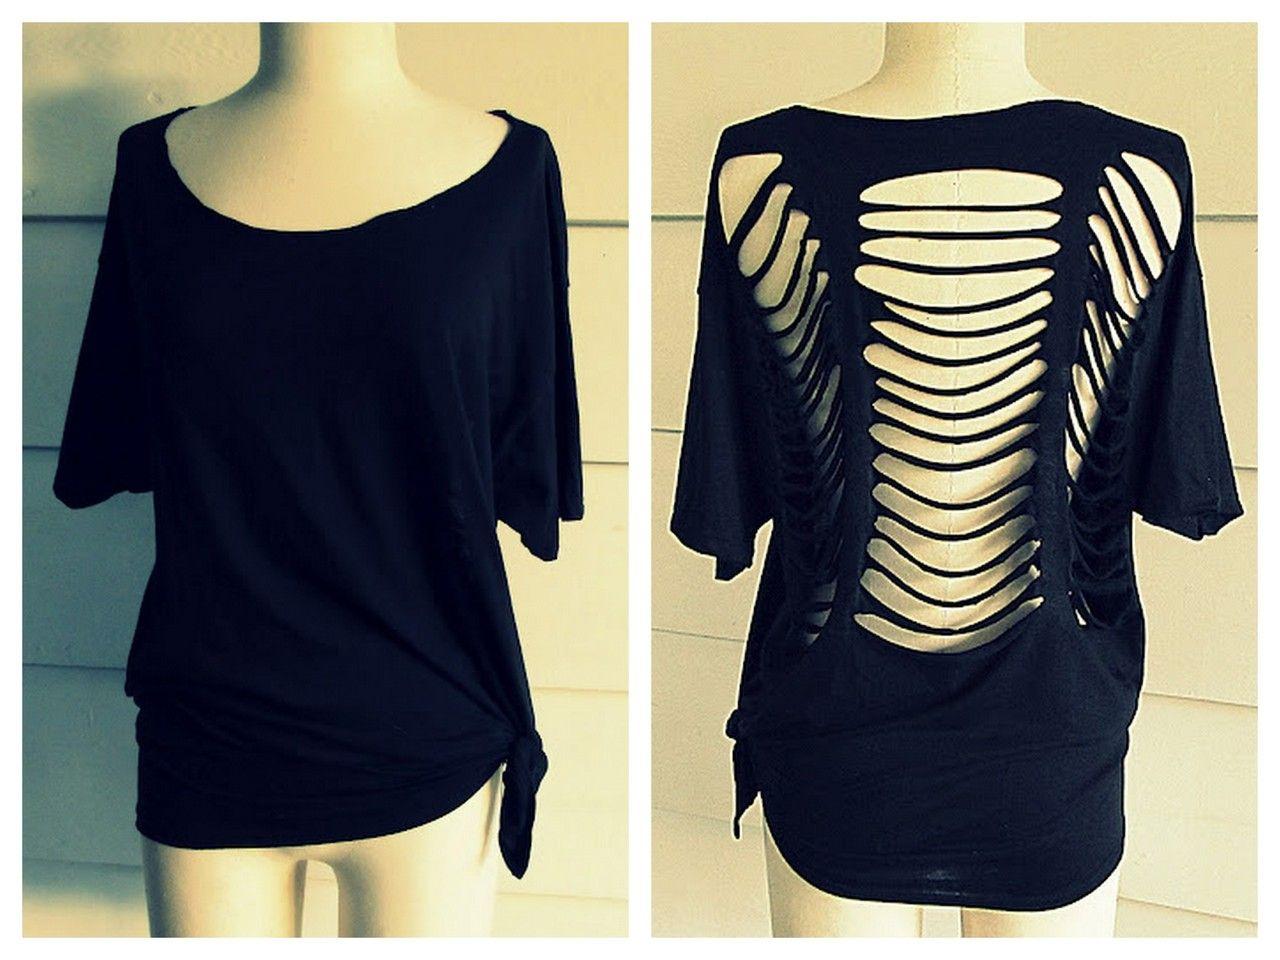 cool shirt cutting ideas wwwpixsharkcom images